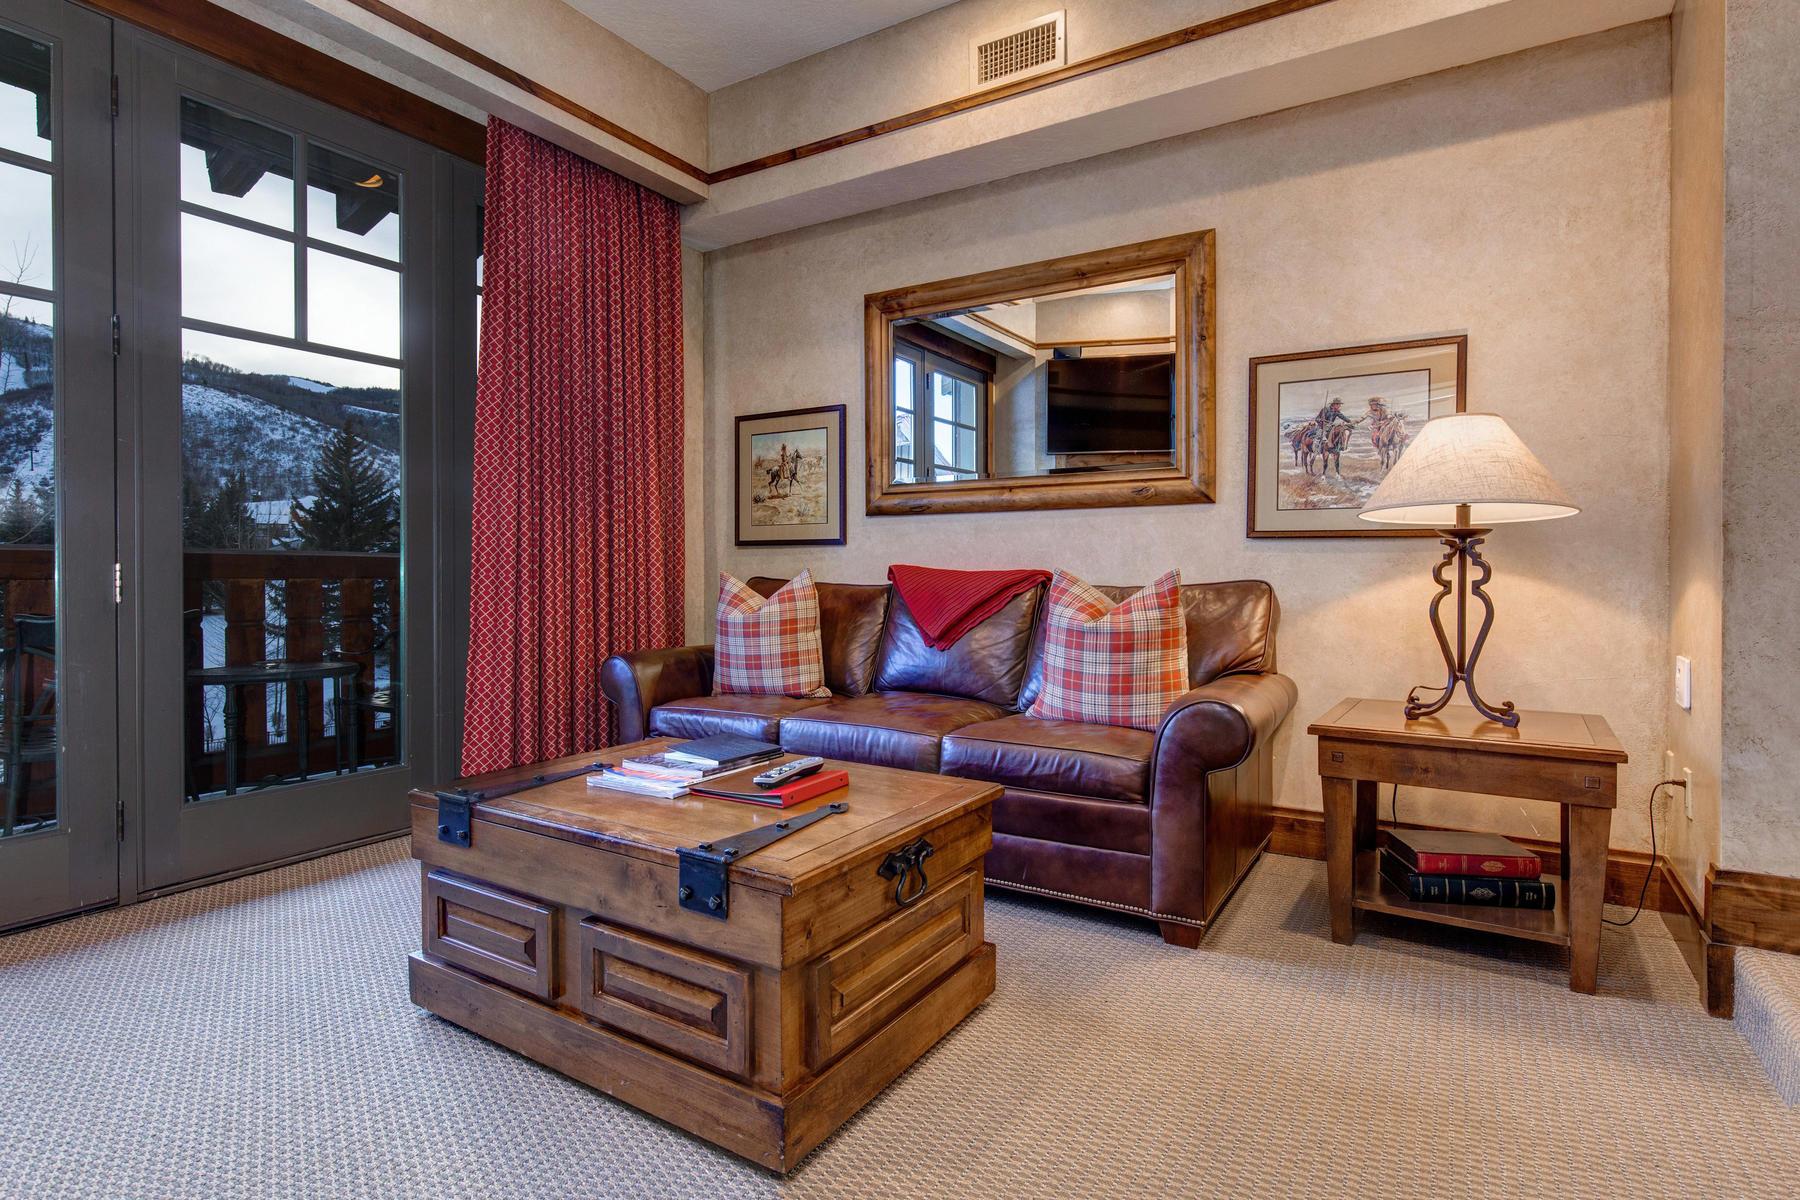 شقة بعمارة للـ Sale في Carefree Ownership While Enjoying Ski & Golf Course Views 2001 Park Ave #312 Park City, Utah 84060 United States